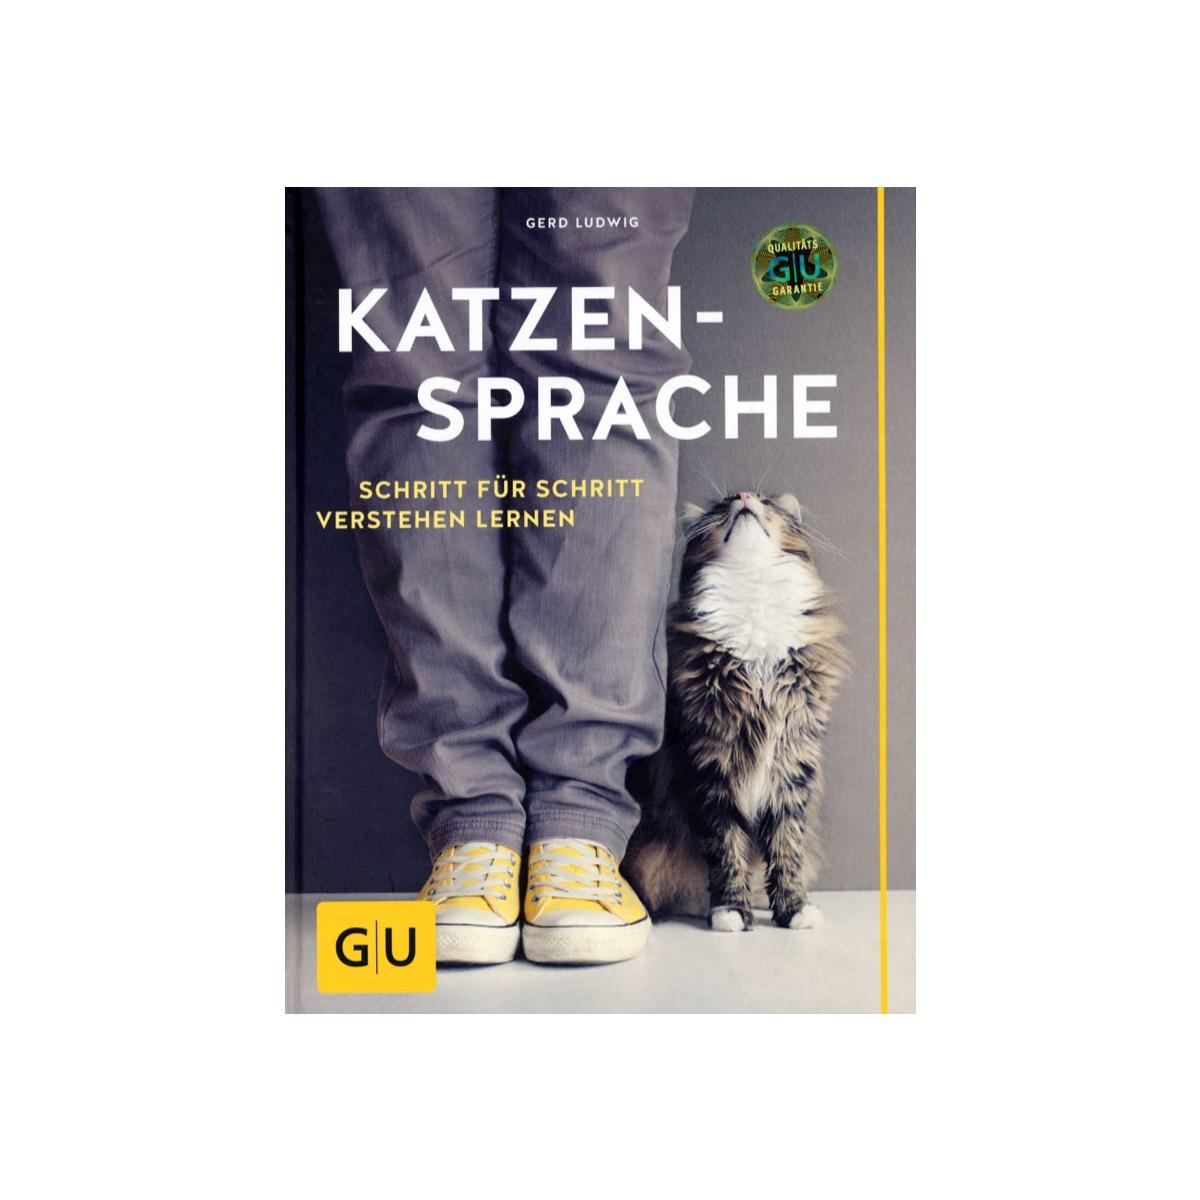 Ludwig Gerd, Katzensprache